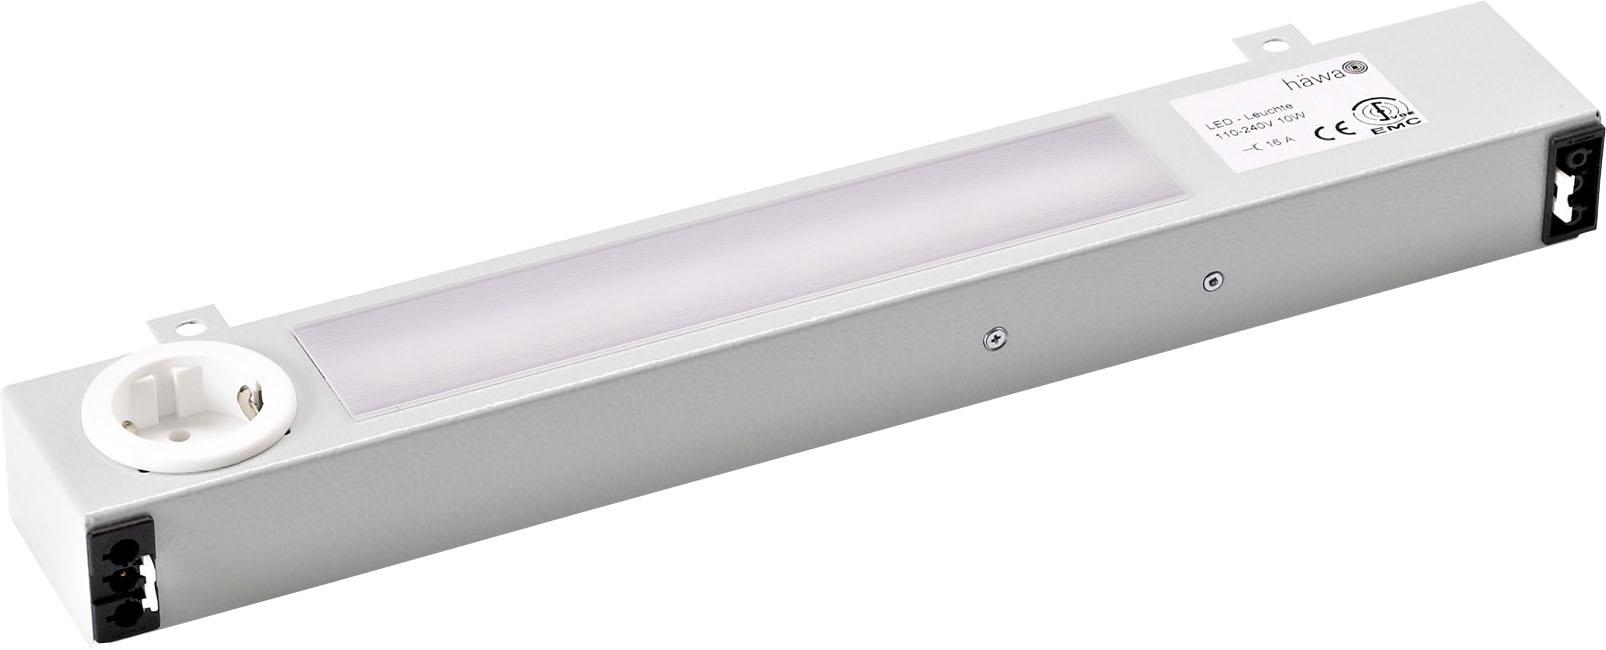 LED-Leuchte mit Reflex-Lichtschranke  für Schränke und Gehäuse